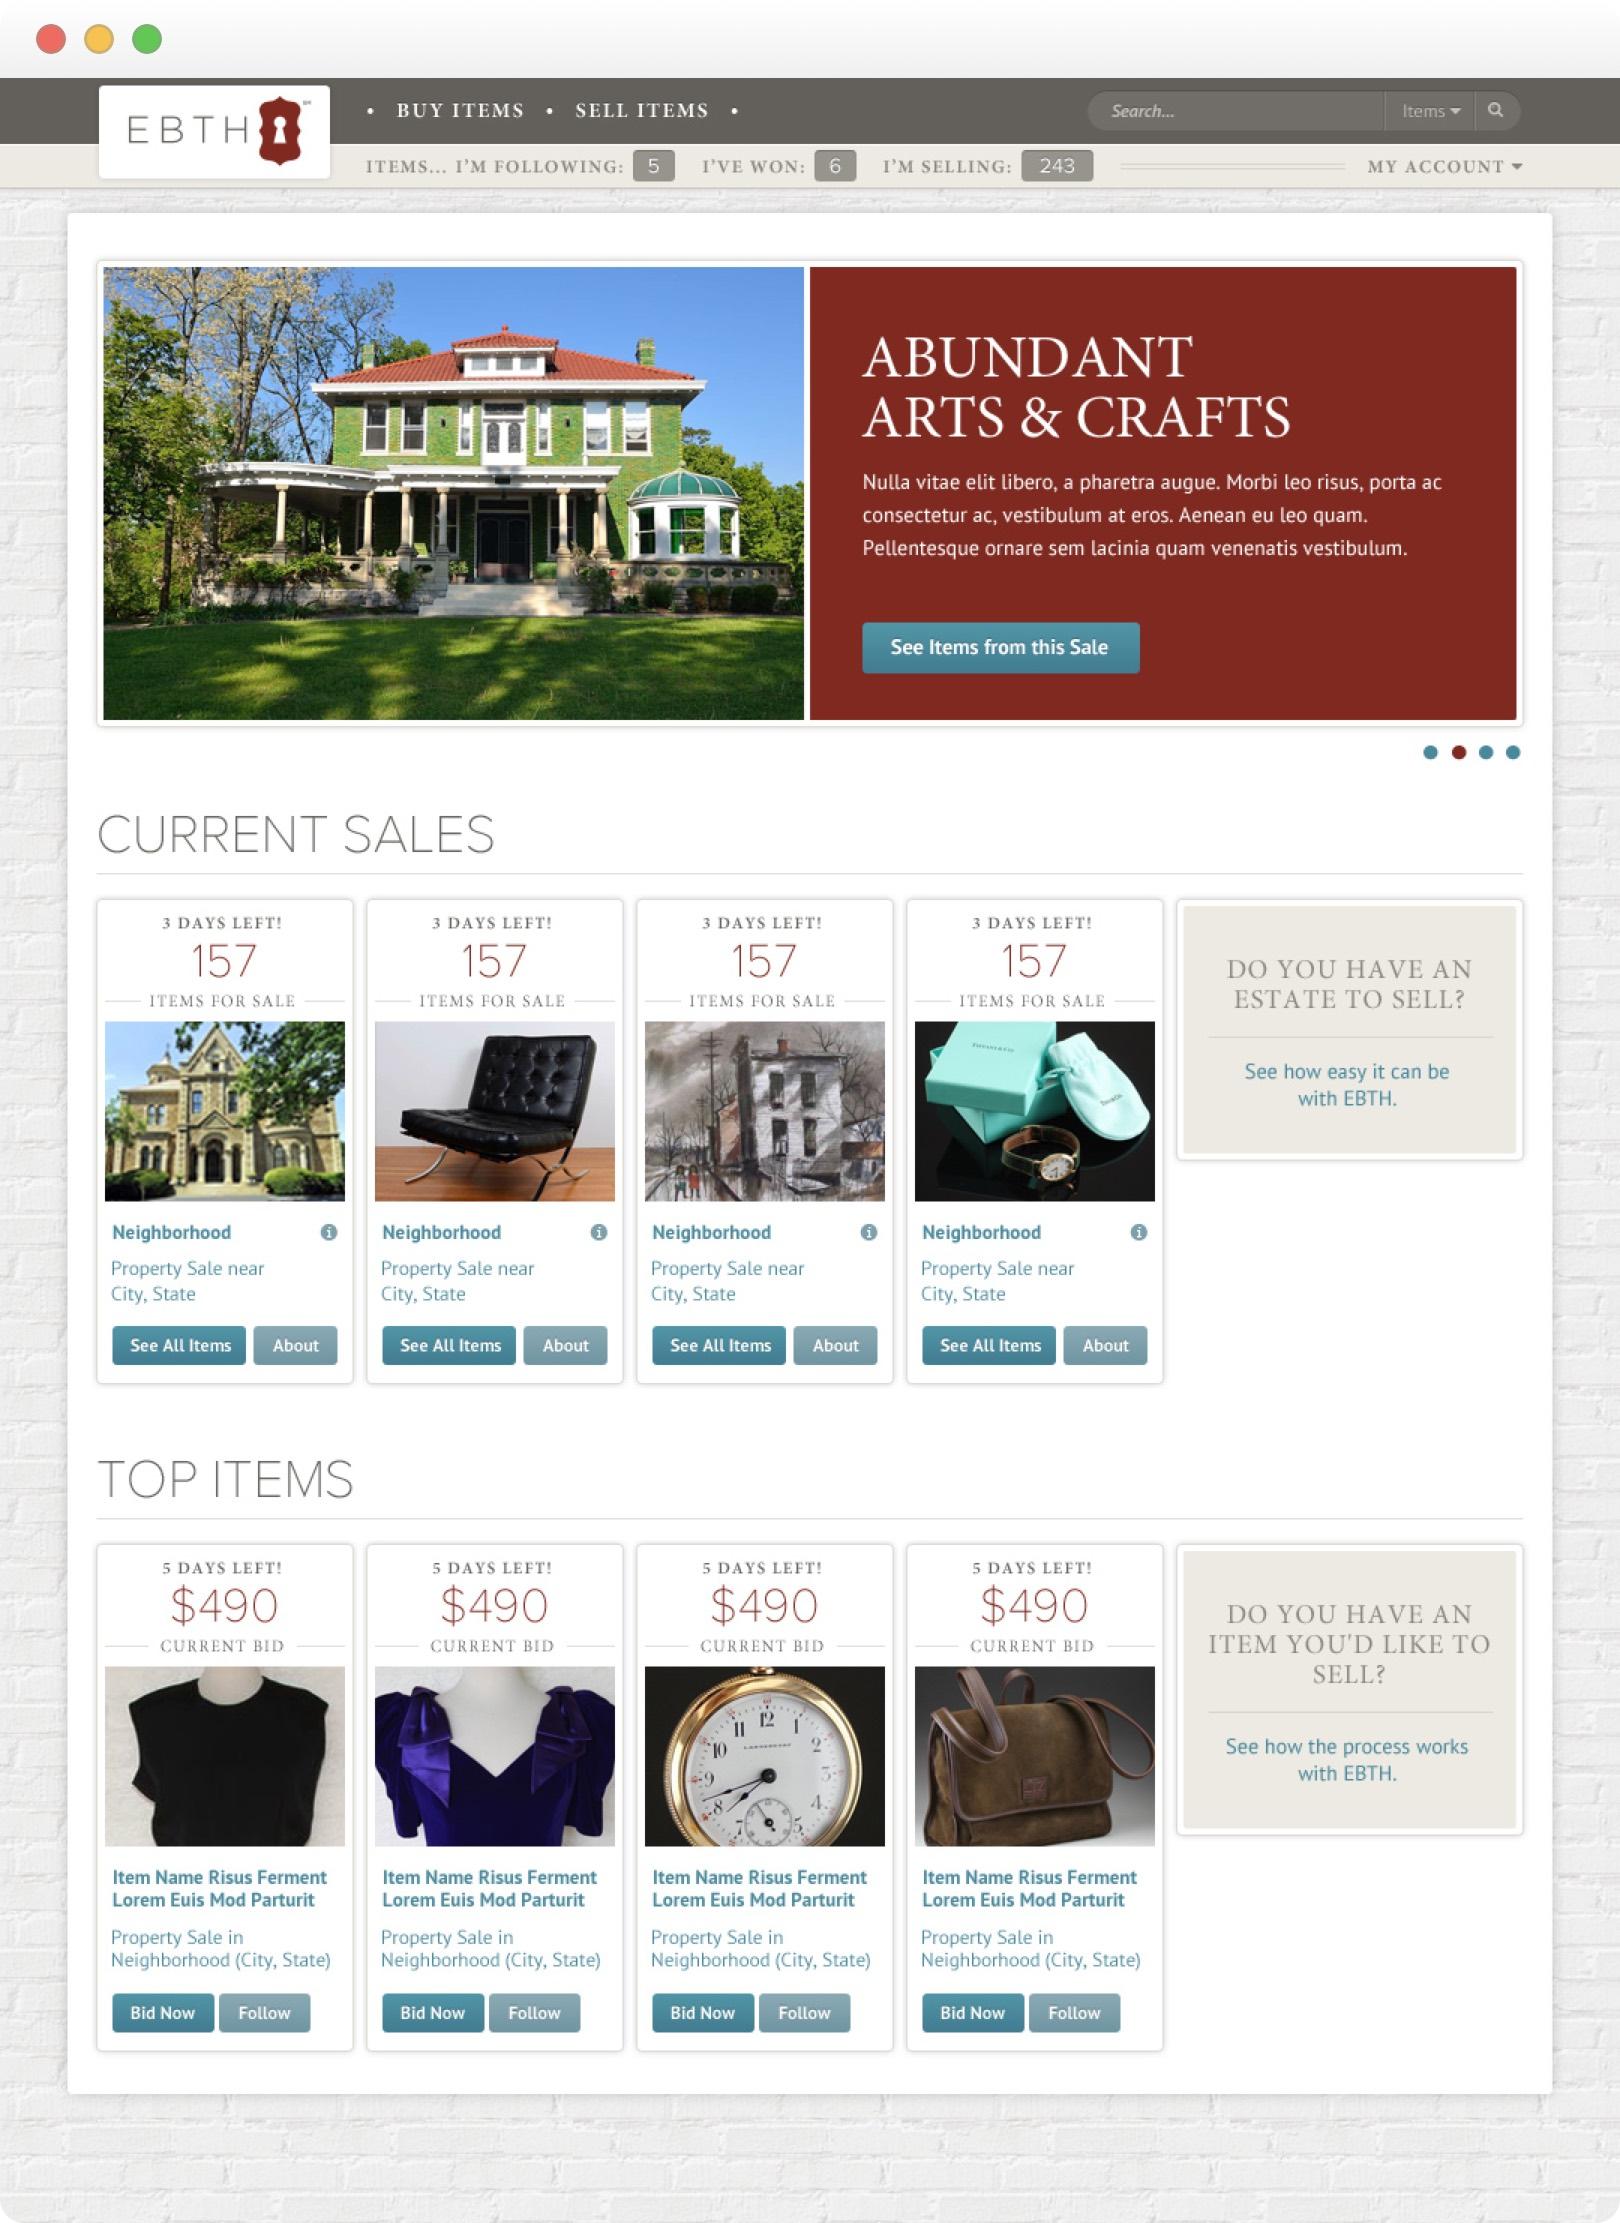 EBTH - Design - Home page